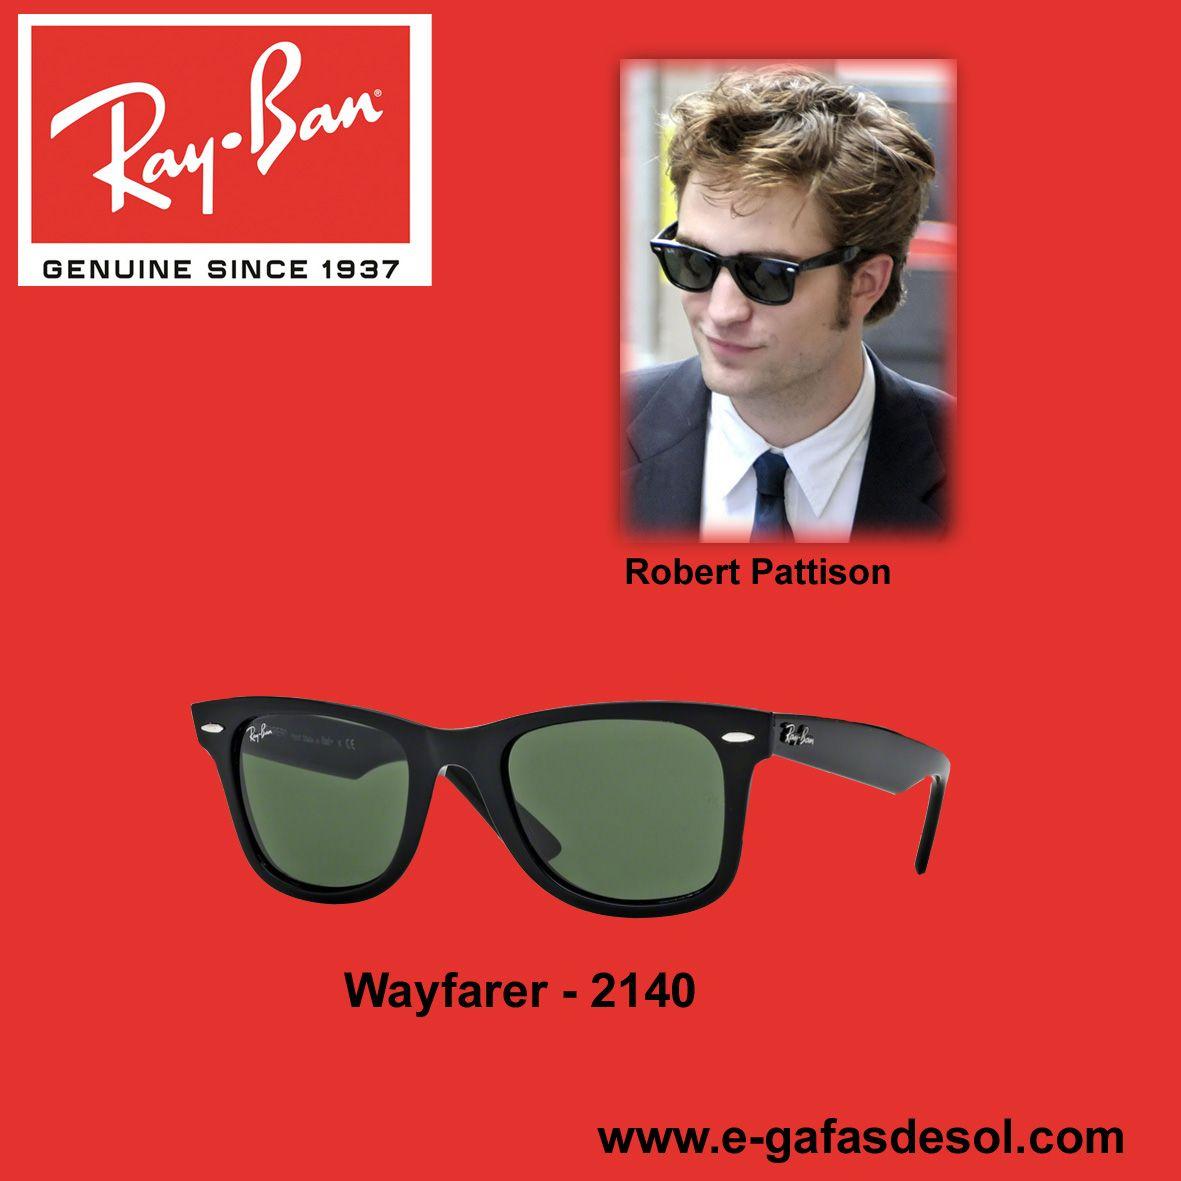 0c7ac002f1 El actor Robert Pattison, conocido por la saga de películas Crepúsculo  llevando unas gafas Ray